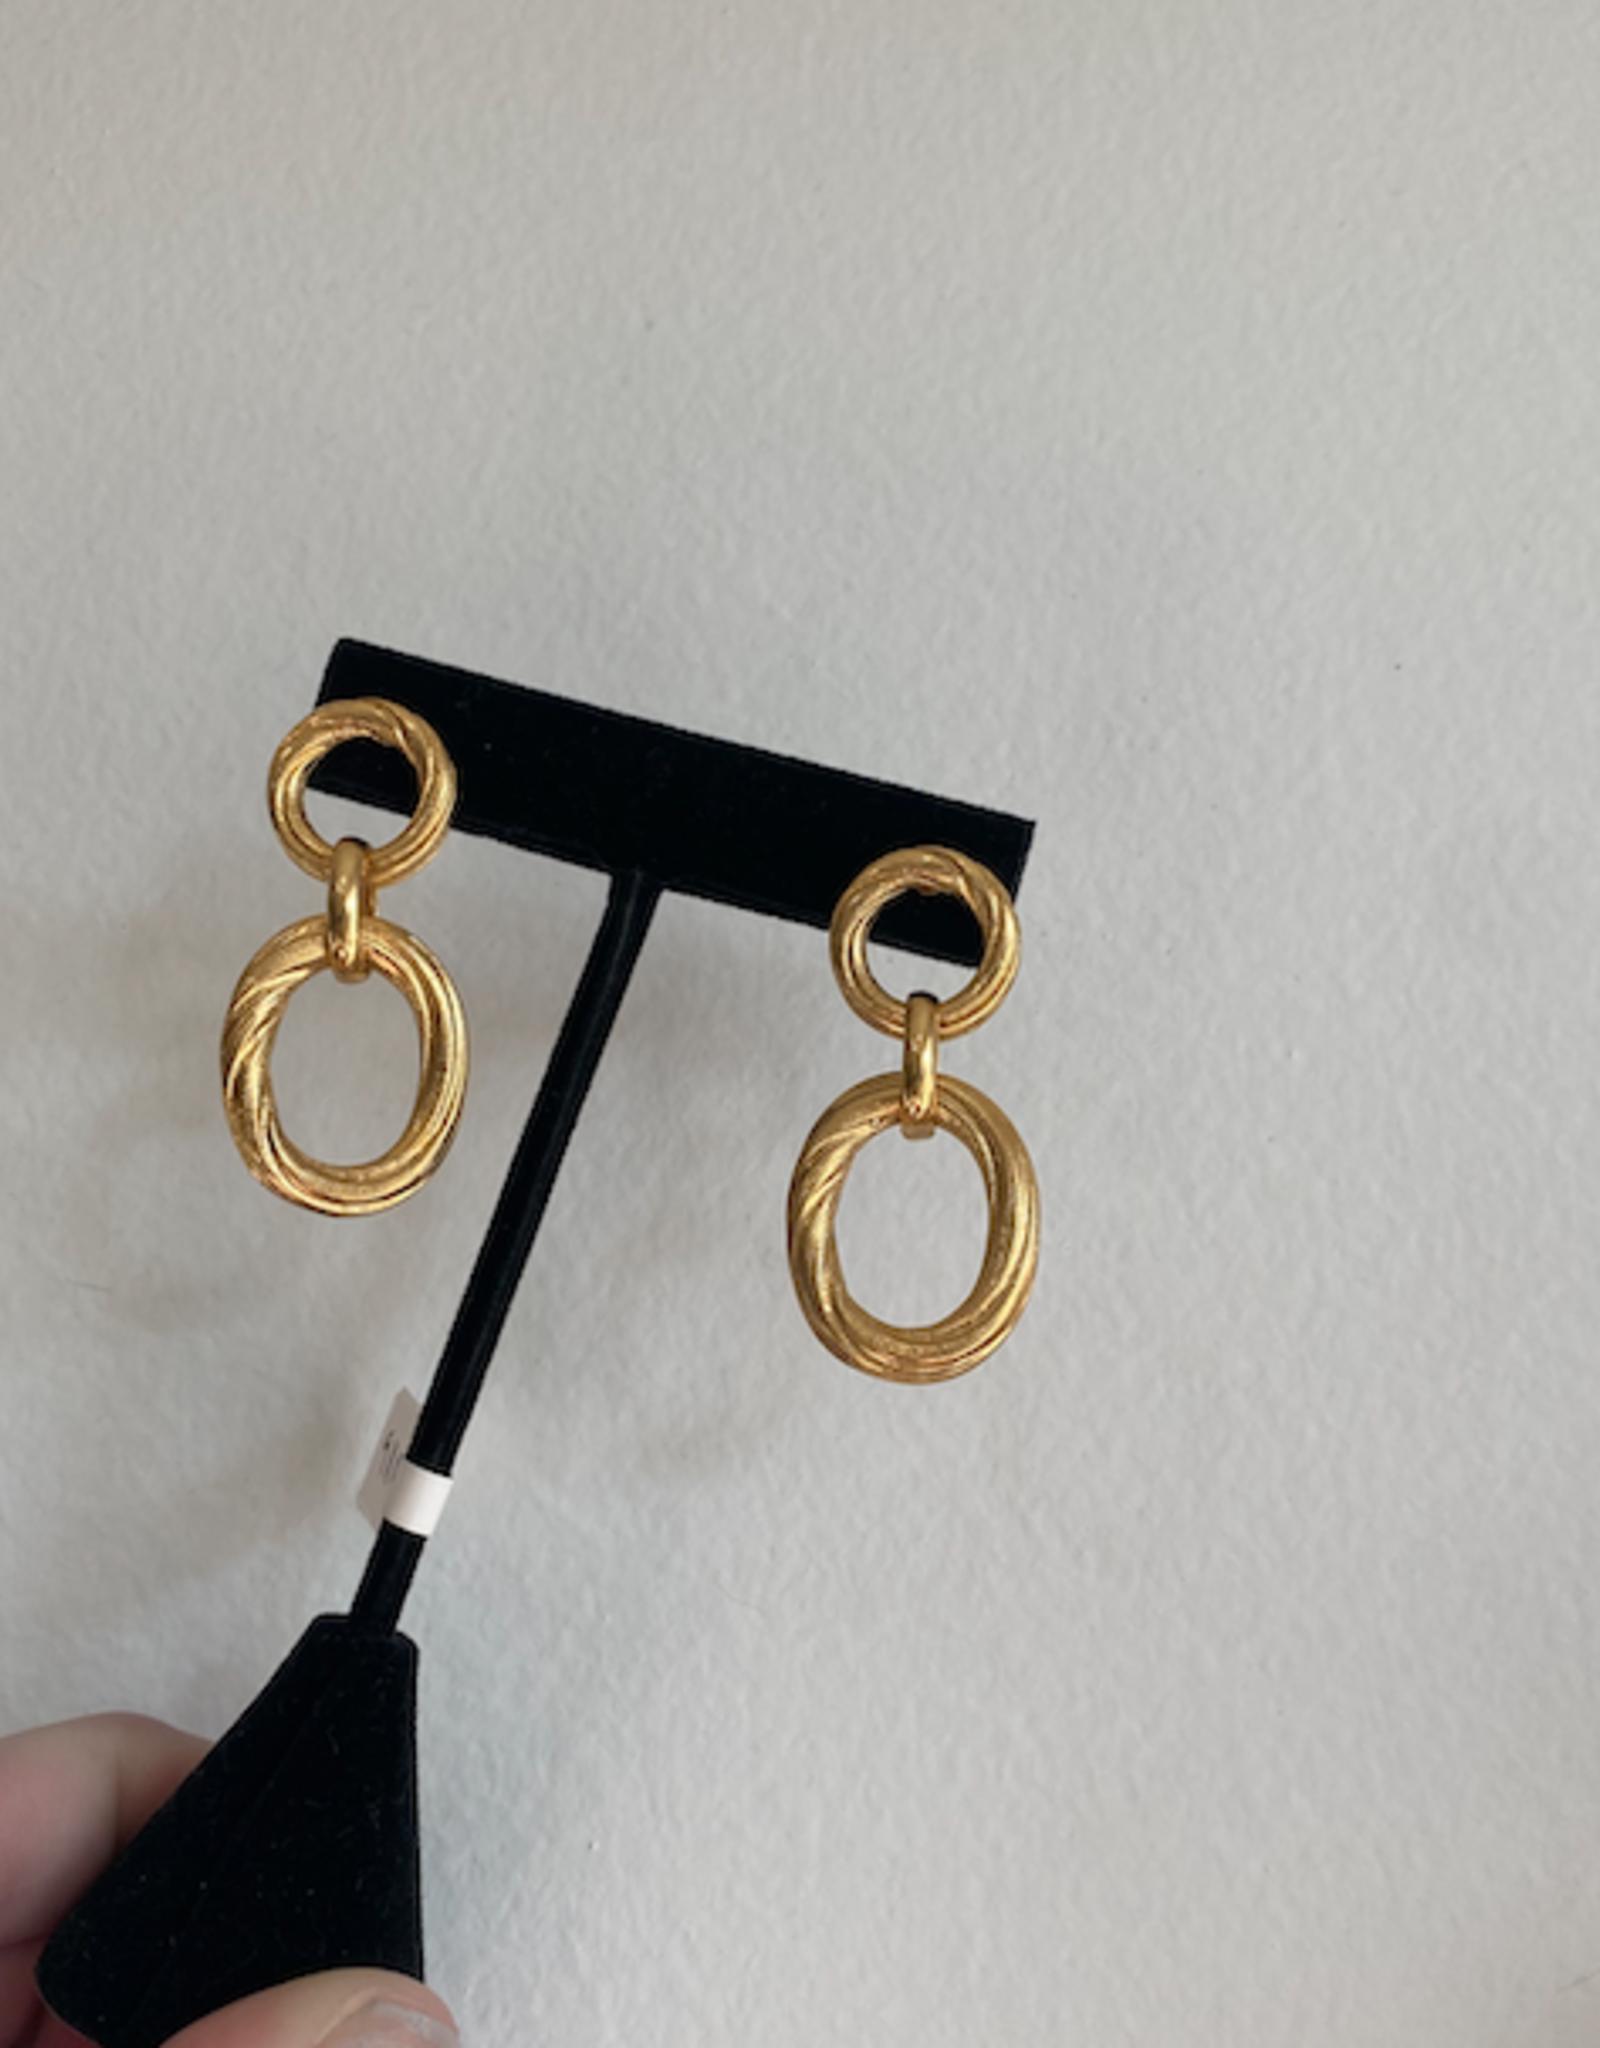 Ben-Amun 91109 Gold Oval Textured Link Earring